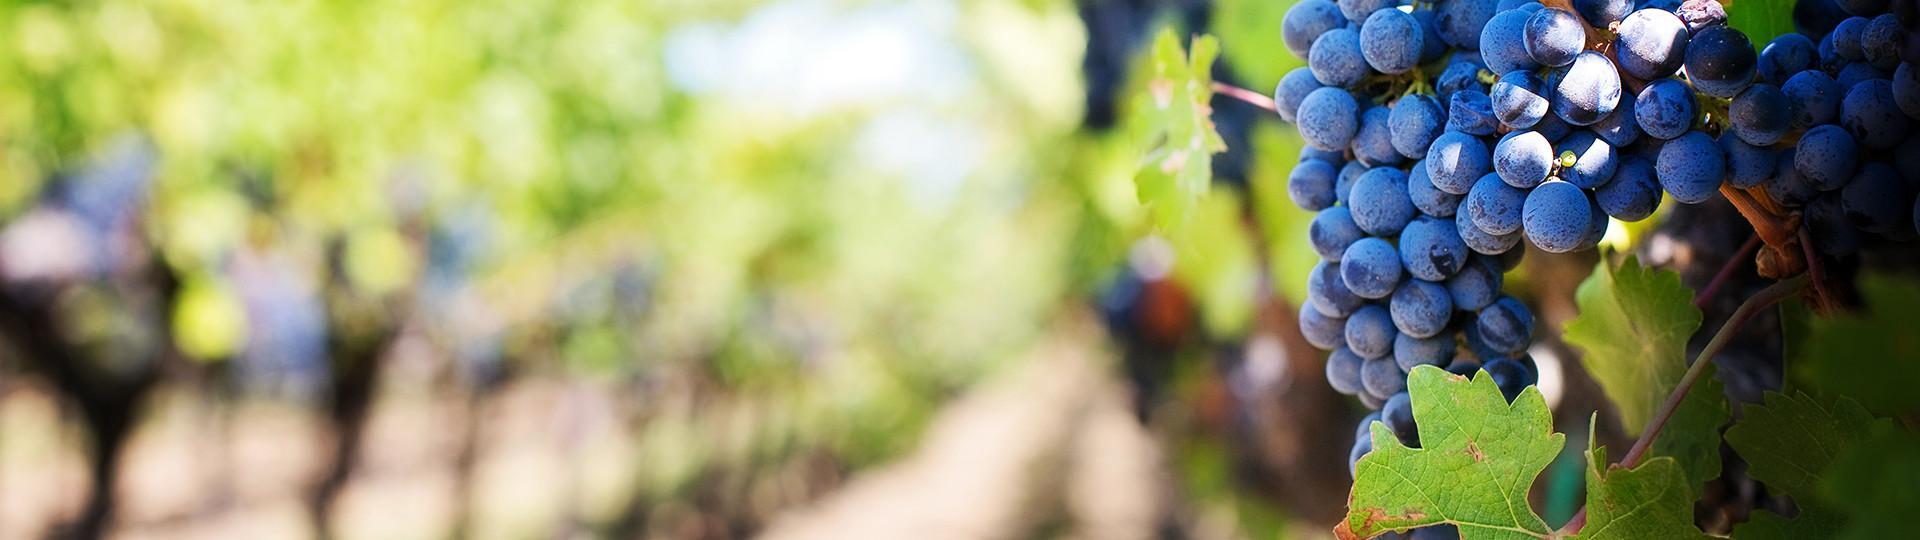 La route du vignoble de Dardagny